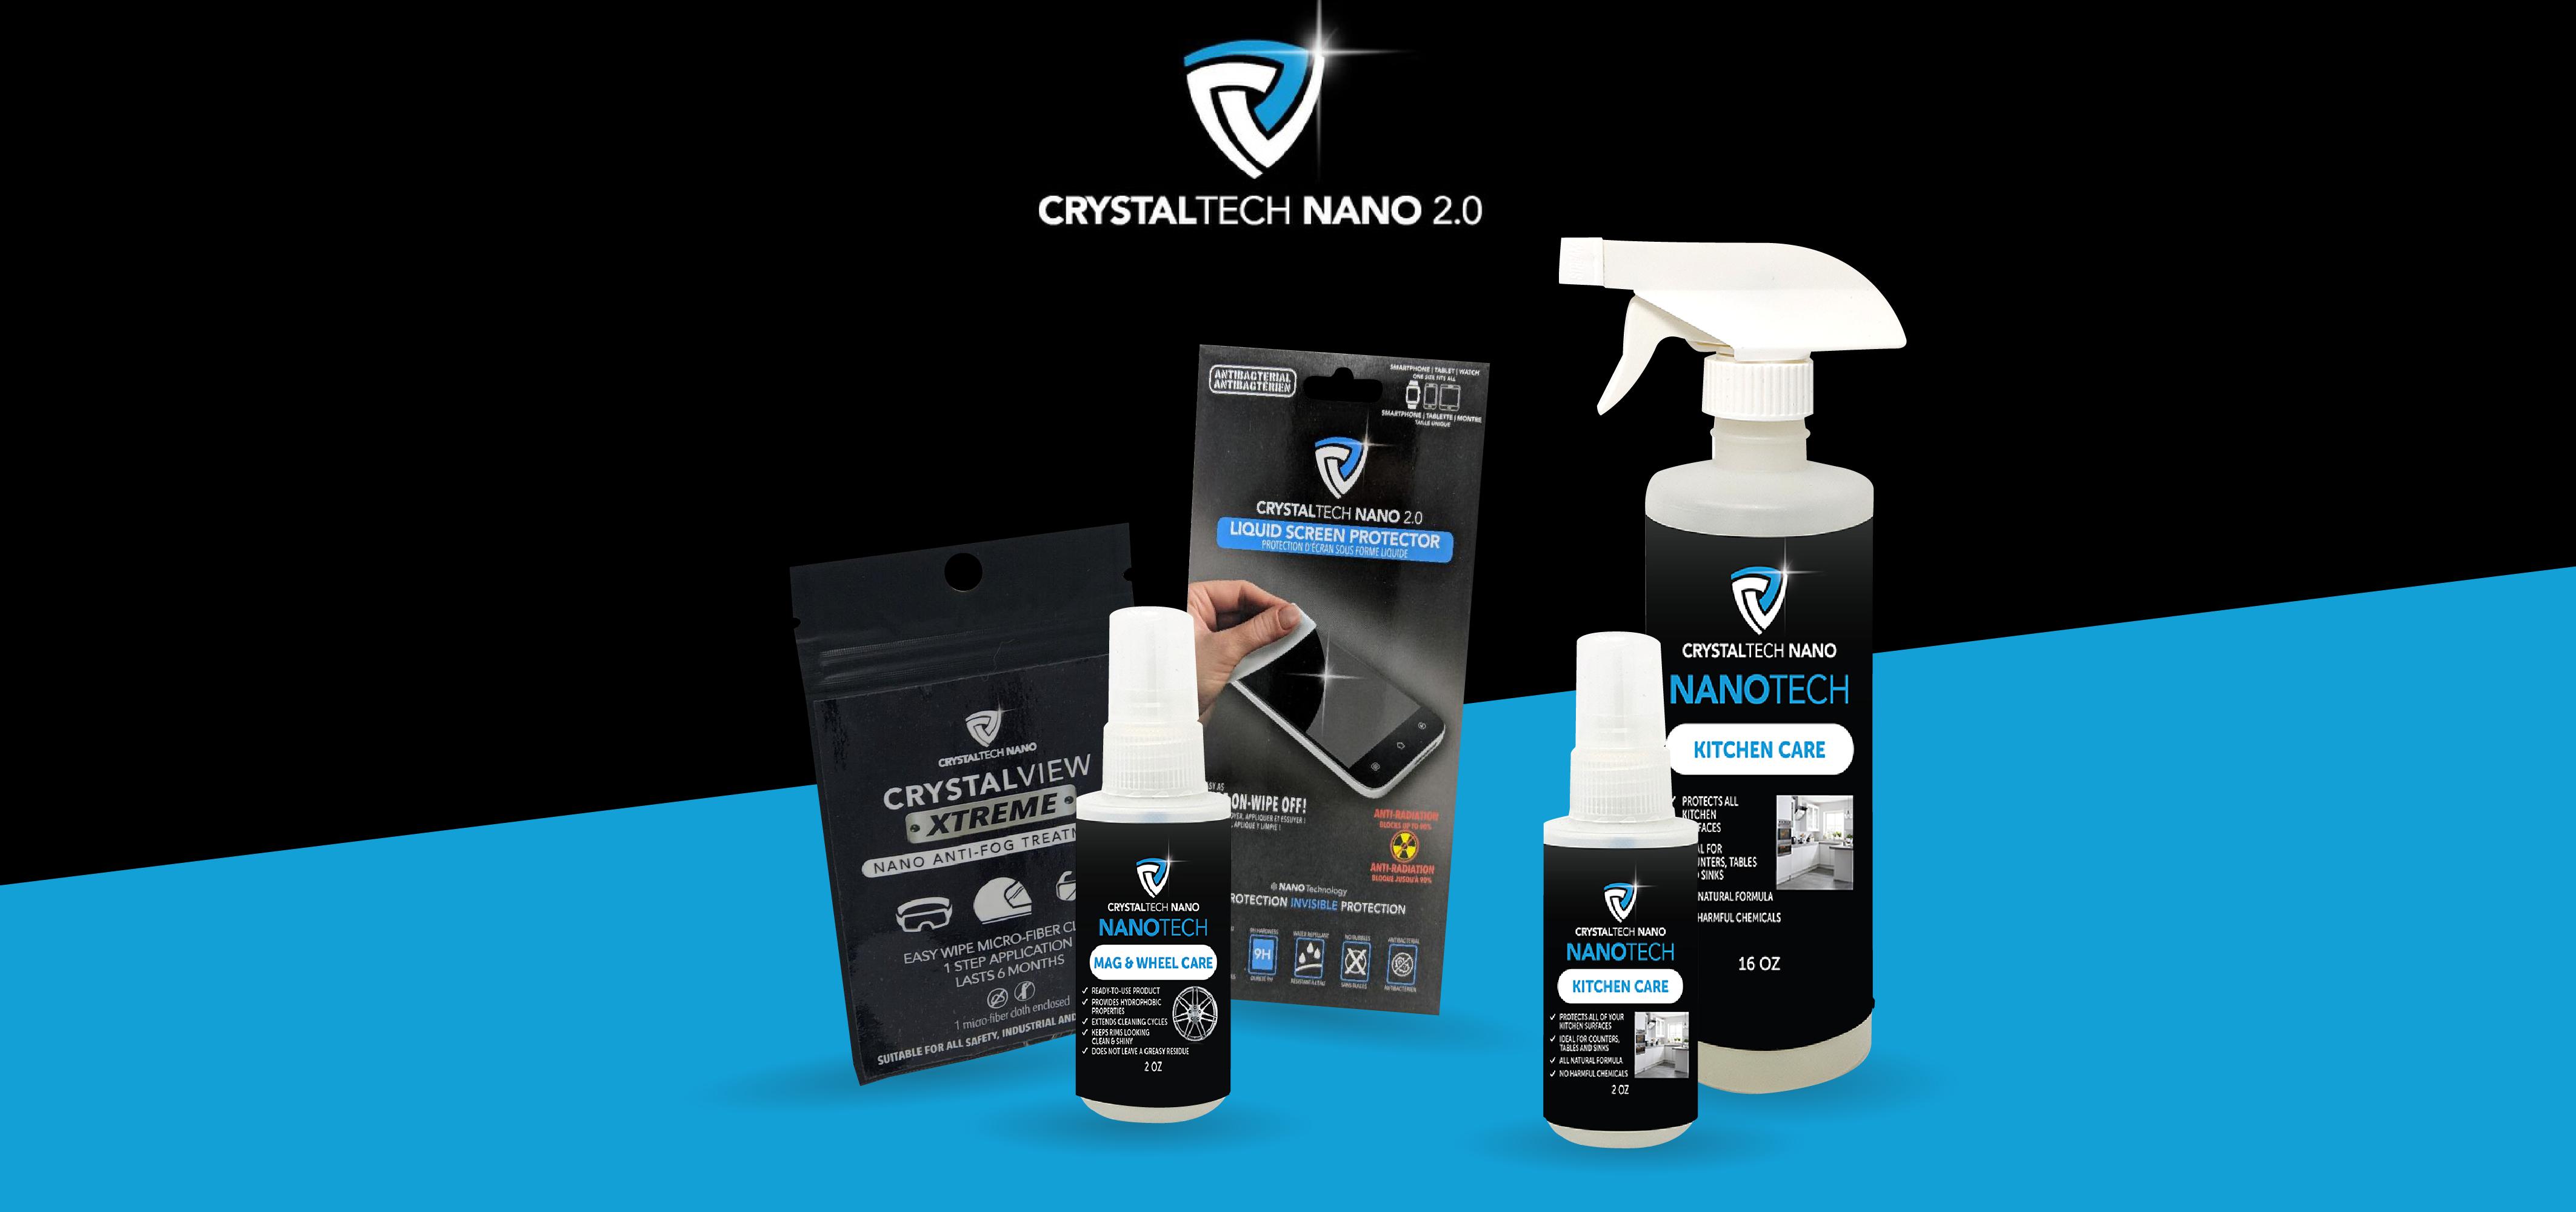 Gagnez un ensemble de produits Crytaltech Nano pour tout protéger à la maison